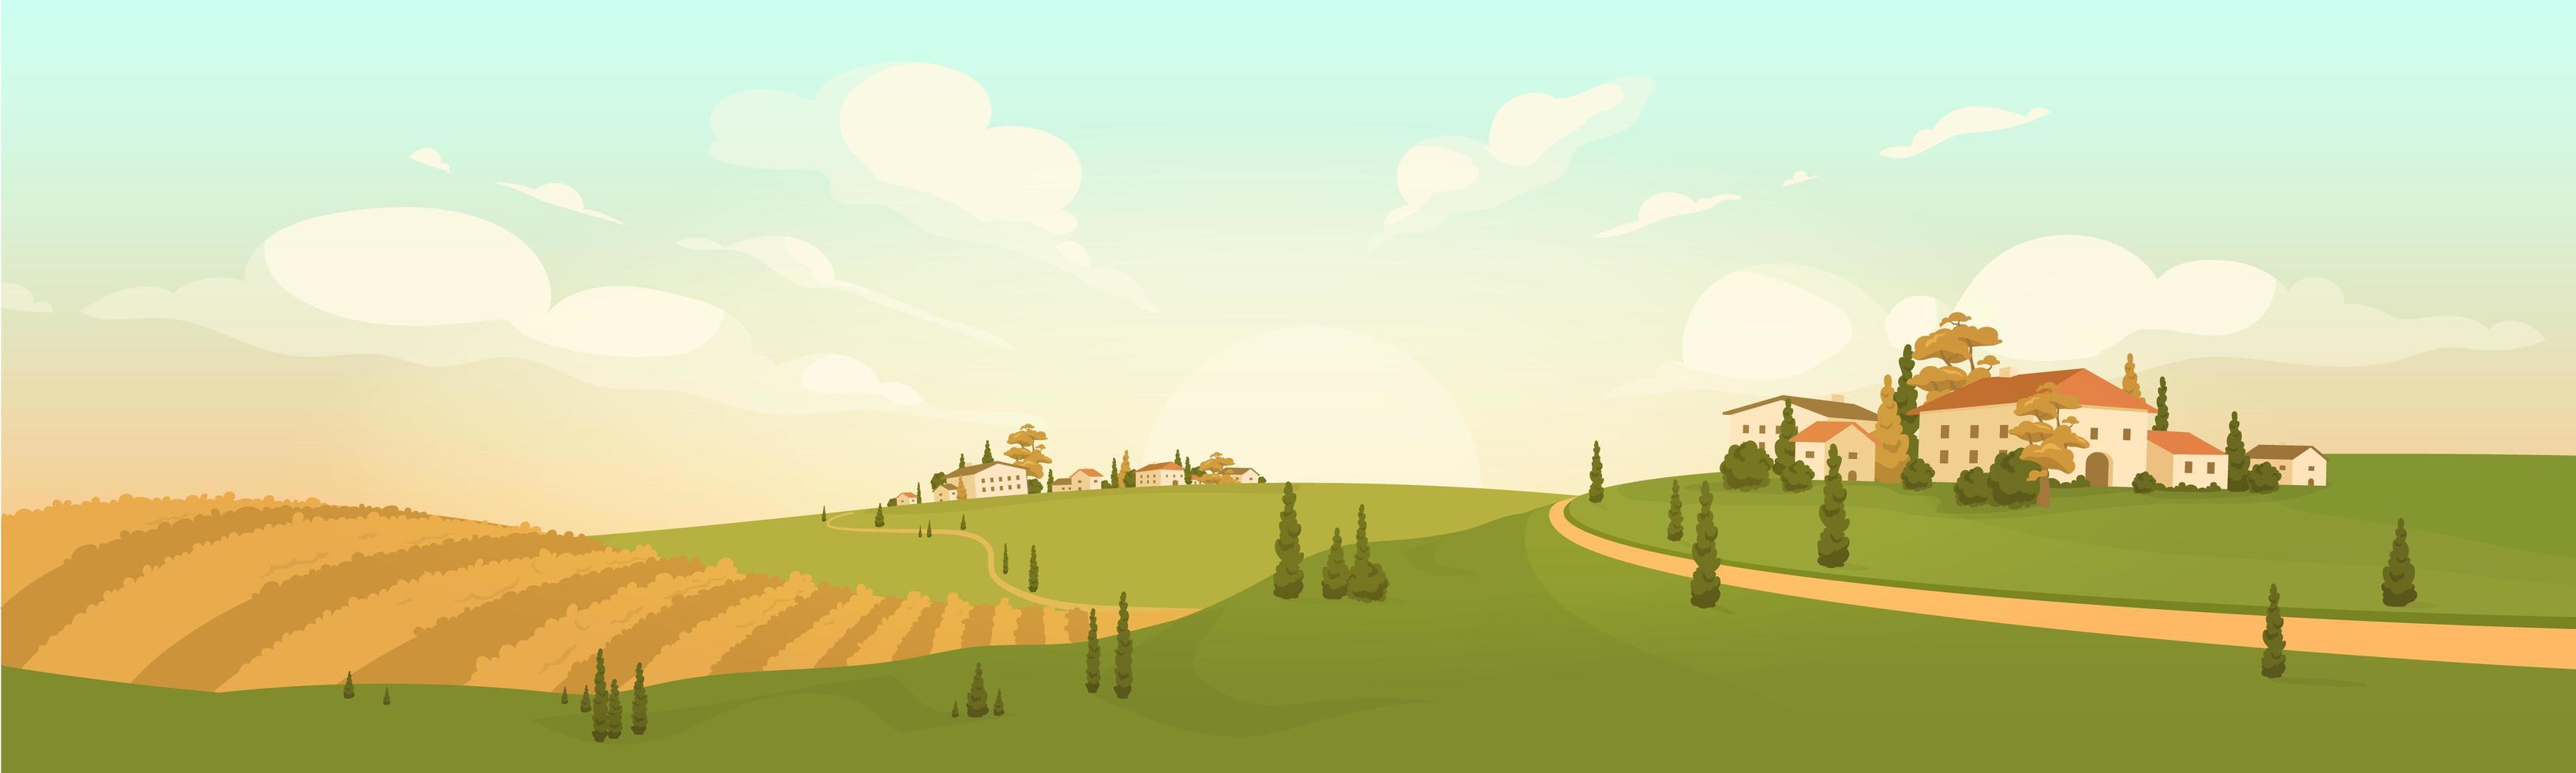 herfst uitzicht op het platteland vector